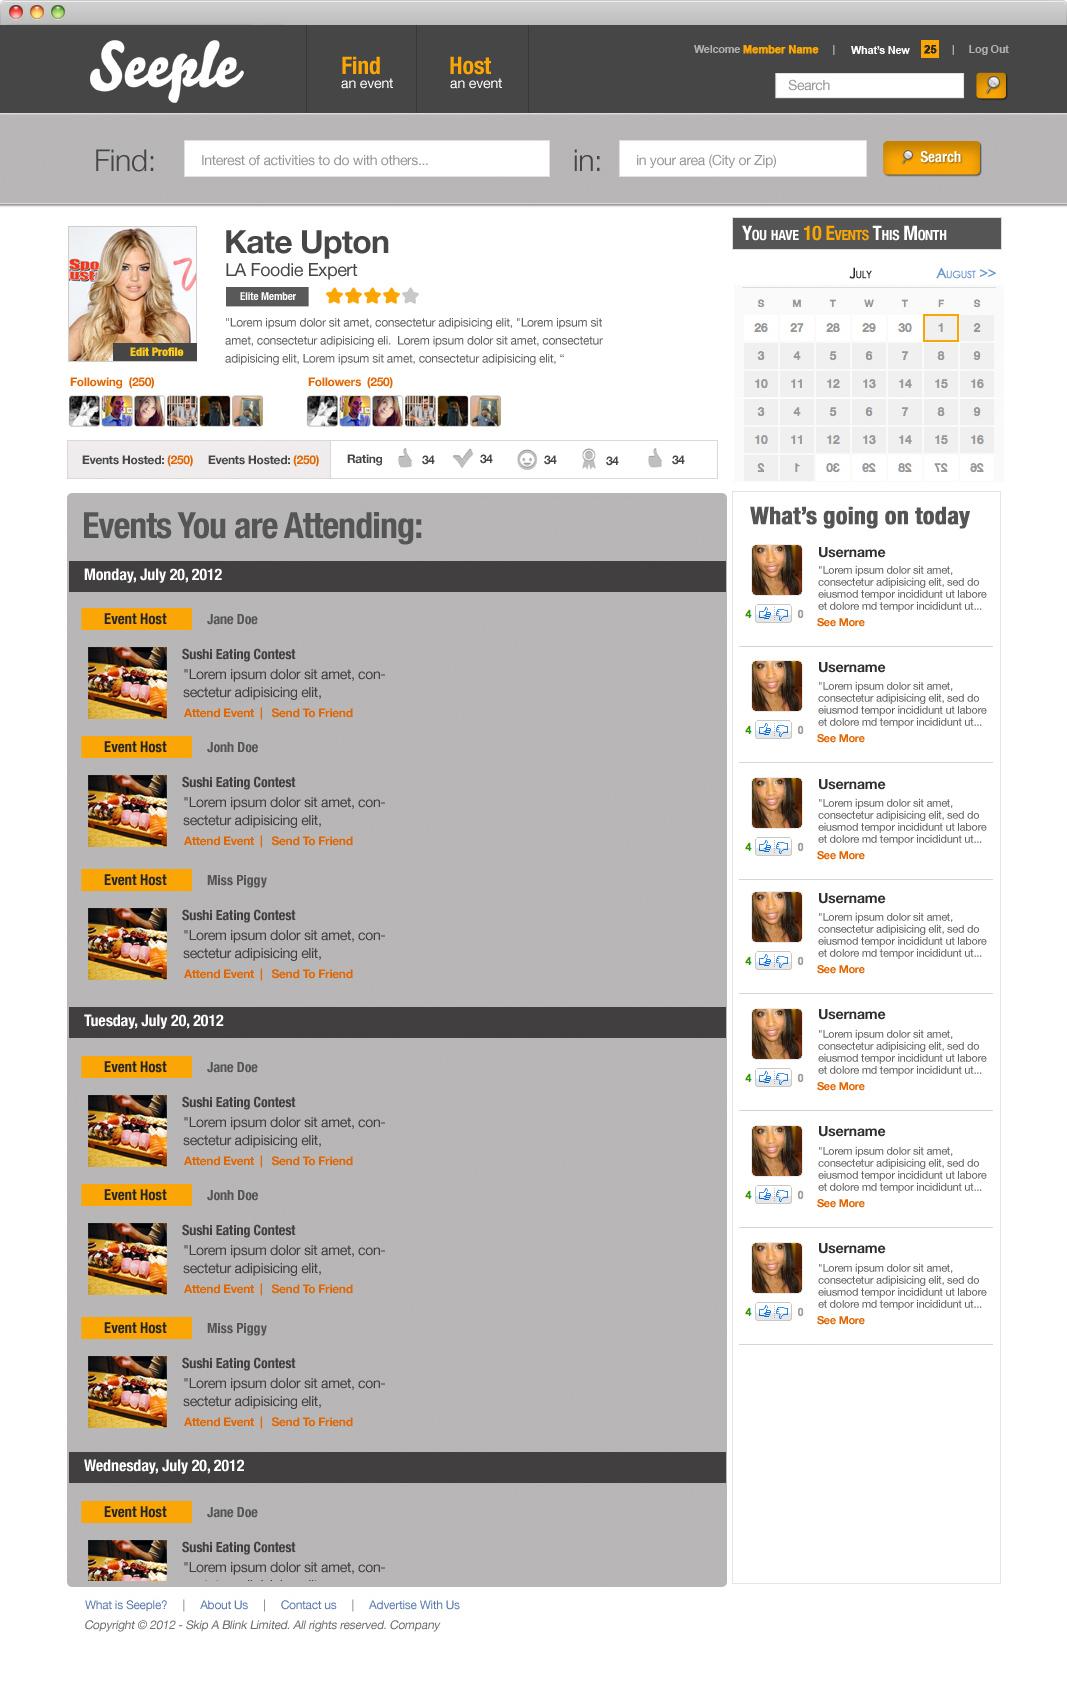 seeple_profilePage